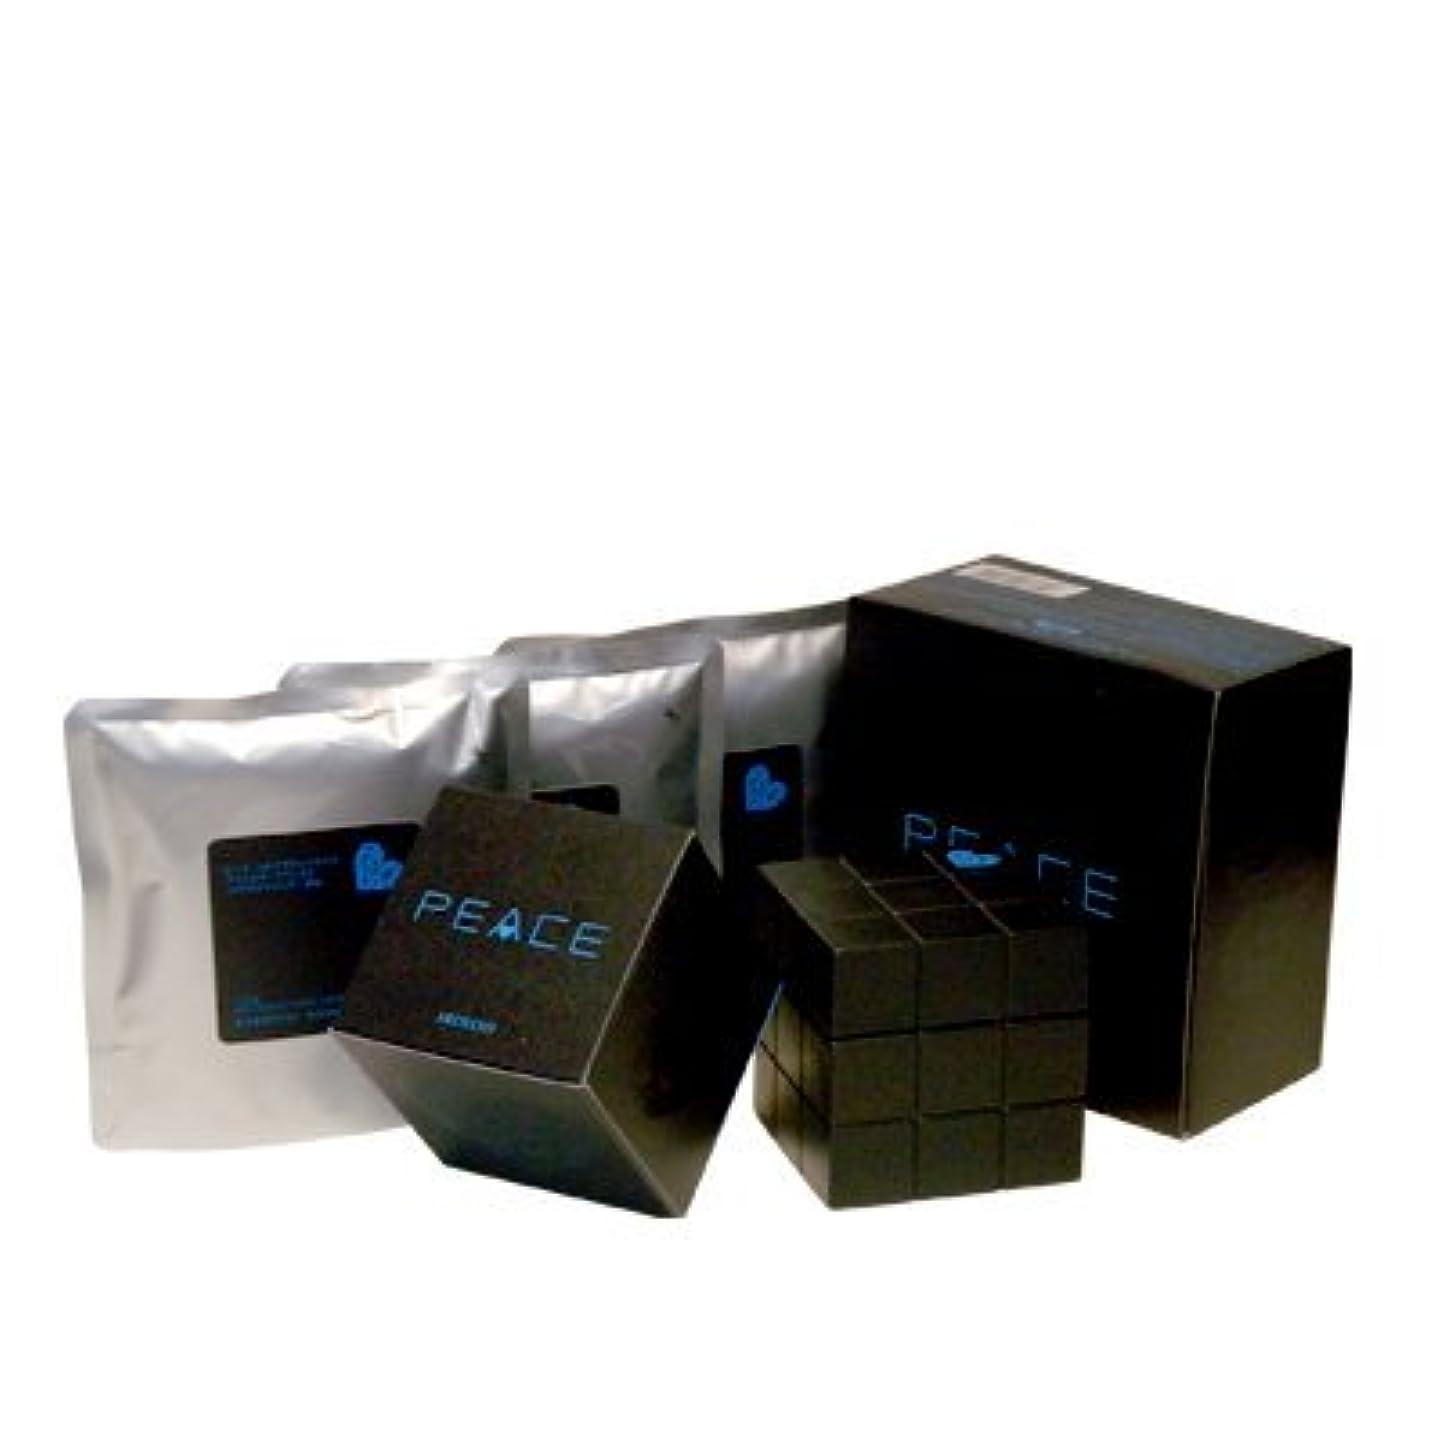 万一に備えて入植者チャンピオンシップアリミノ ピース プロデザインシリーズ フリーズキープワックス ブラック80g+詰め替え80g×3